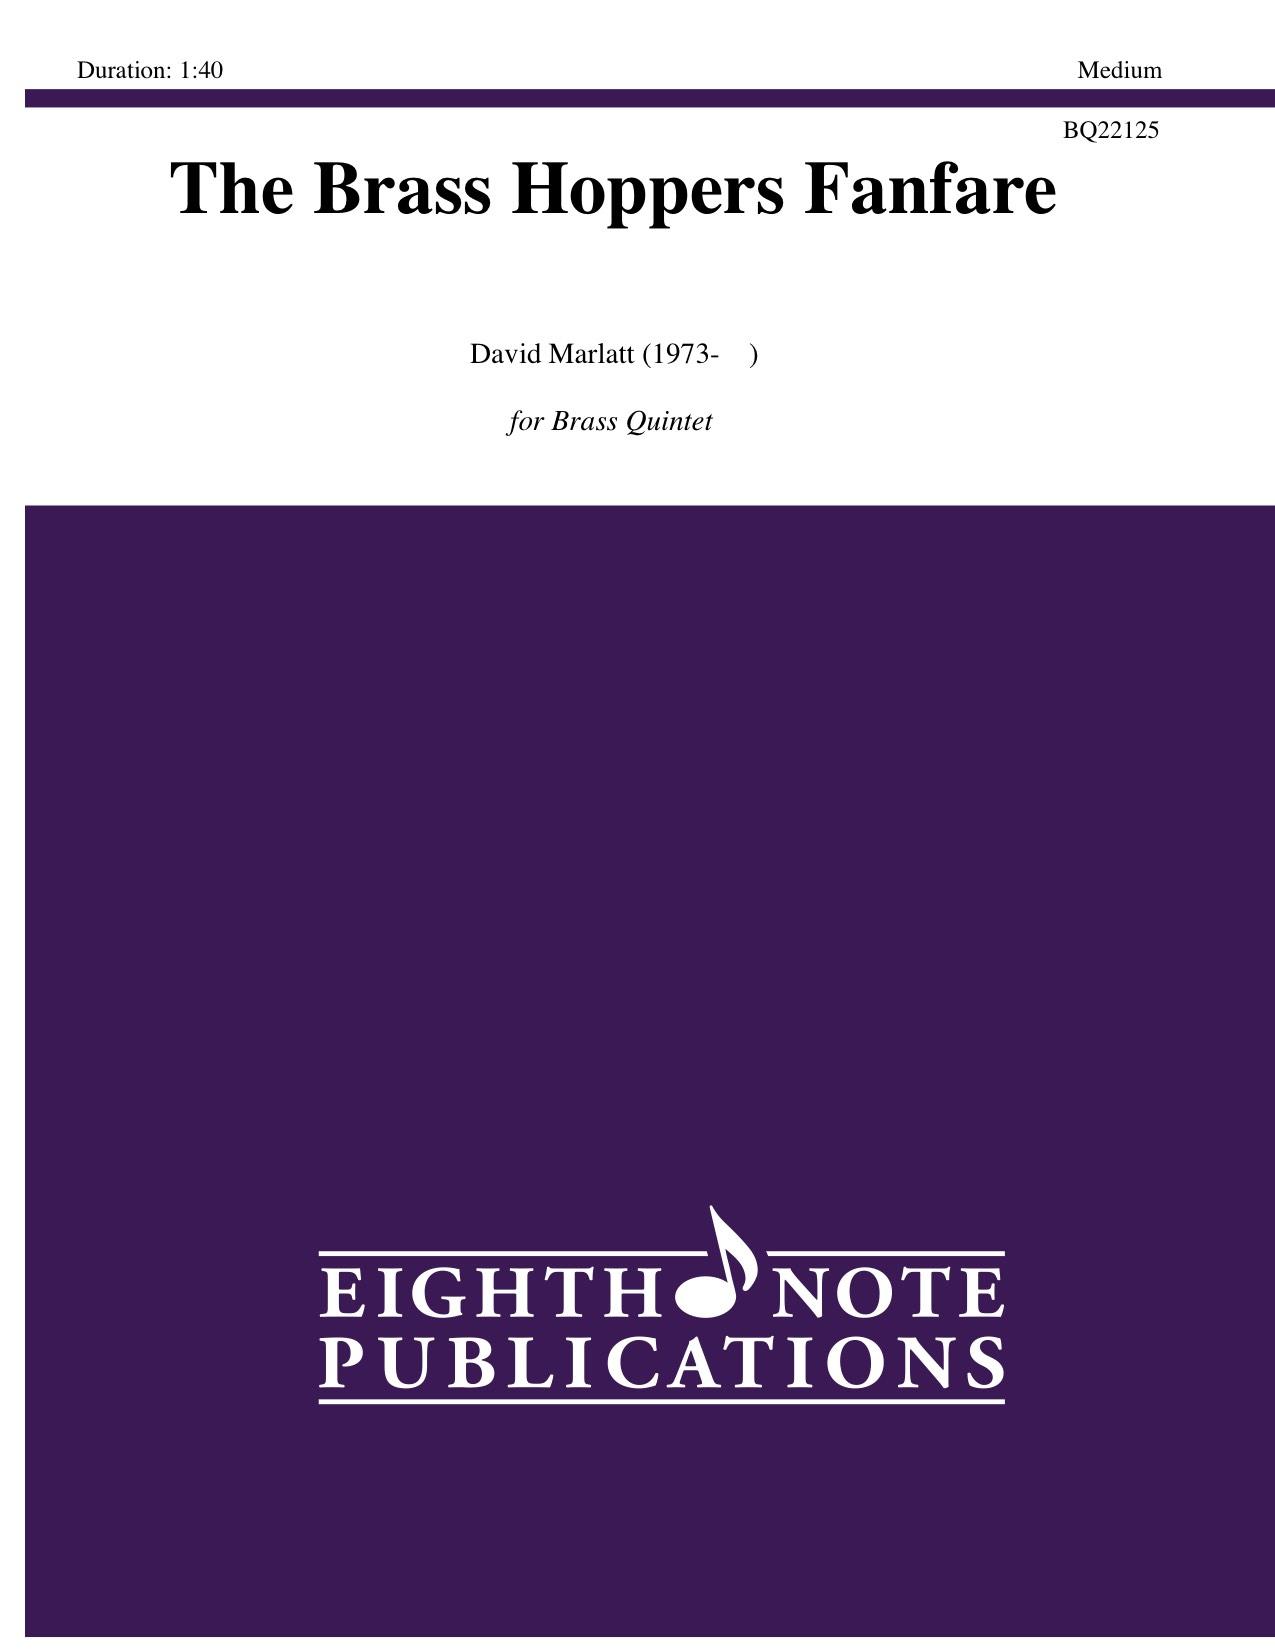 Brass Hoppers Fanfare, The - David Marlatt